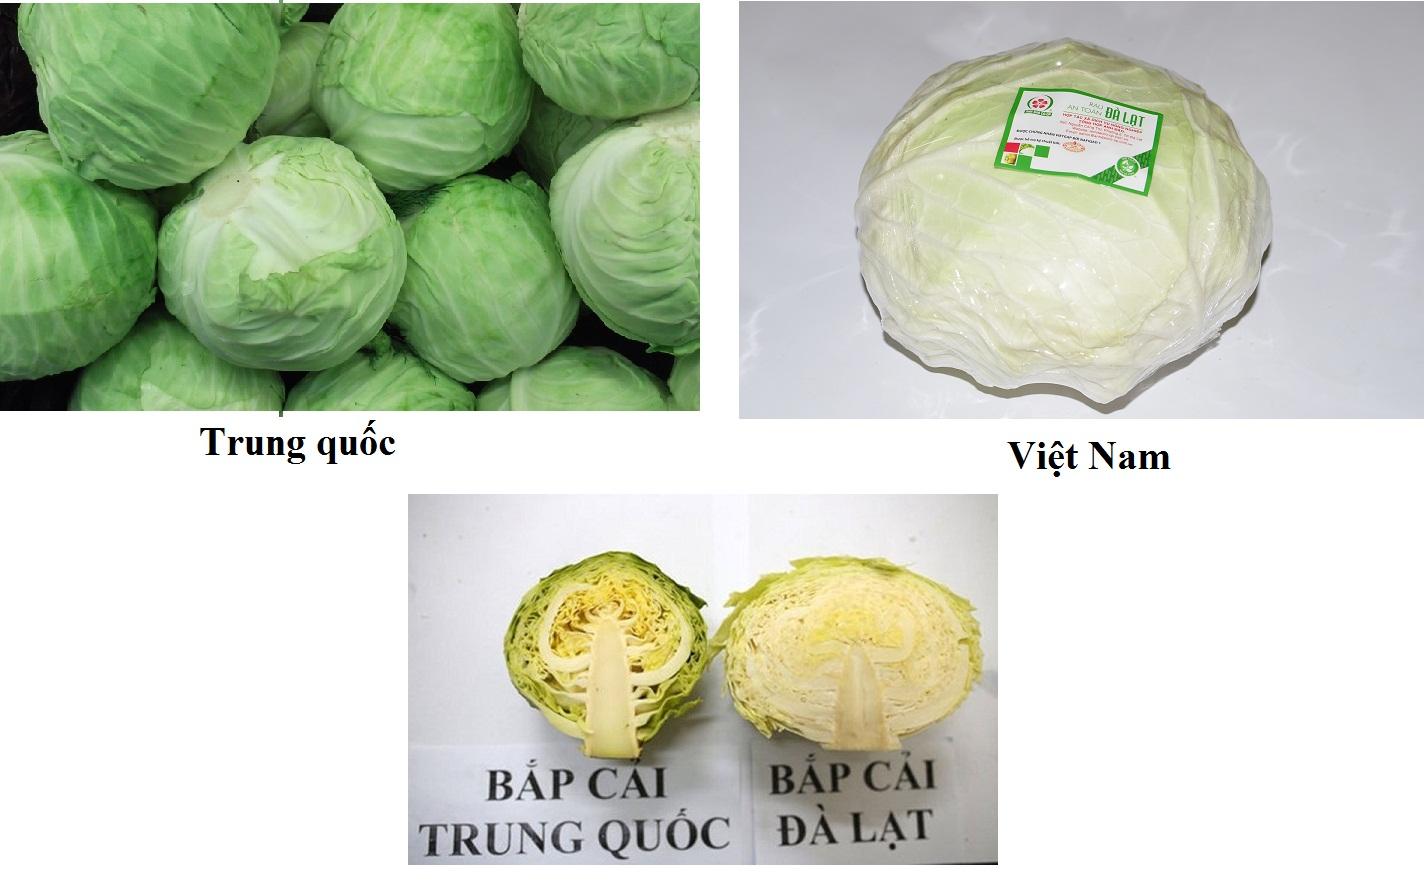 Cách phân biệt Bắp cải Trung quốc